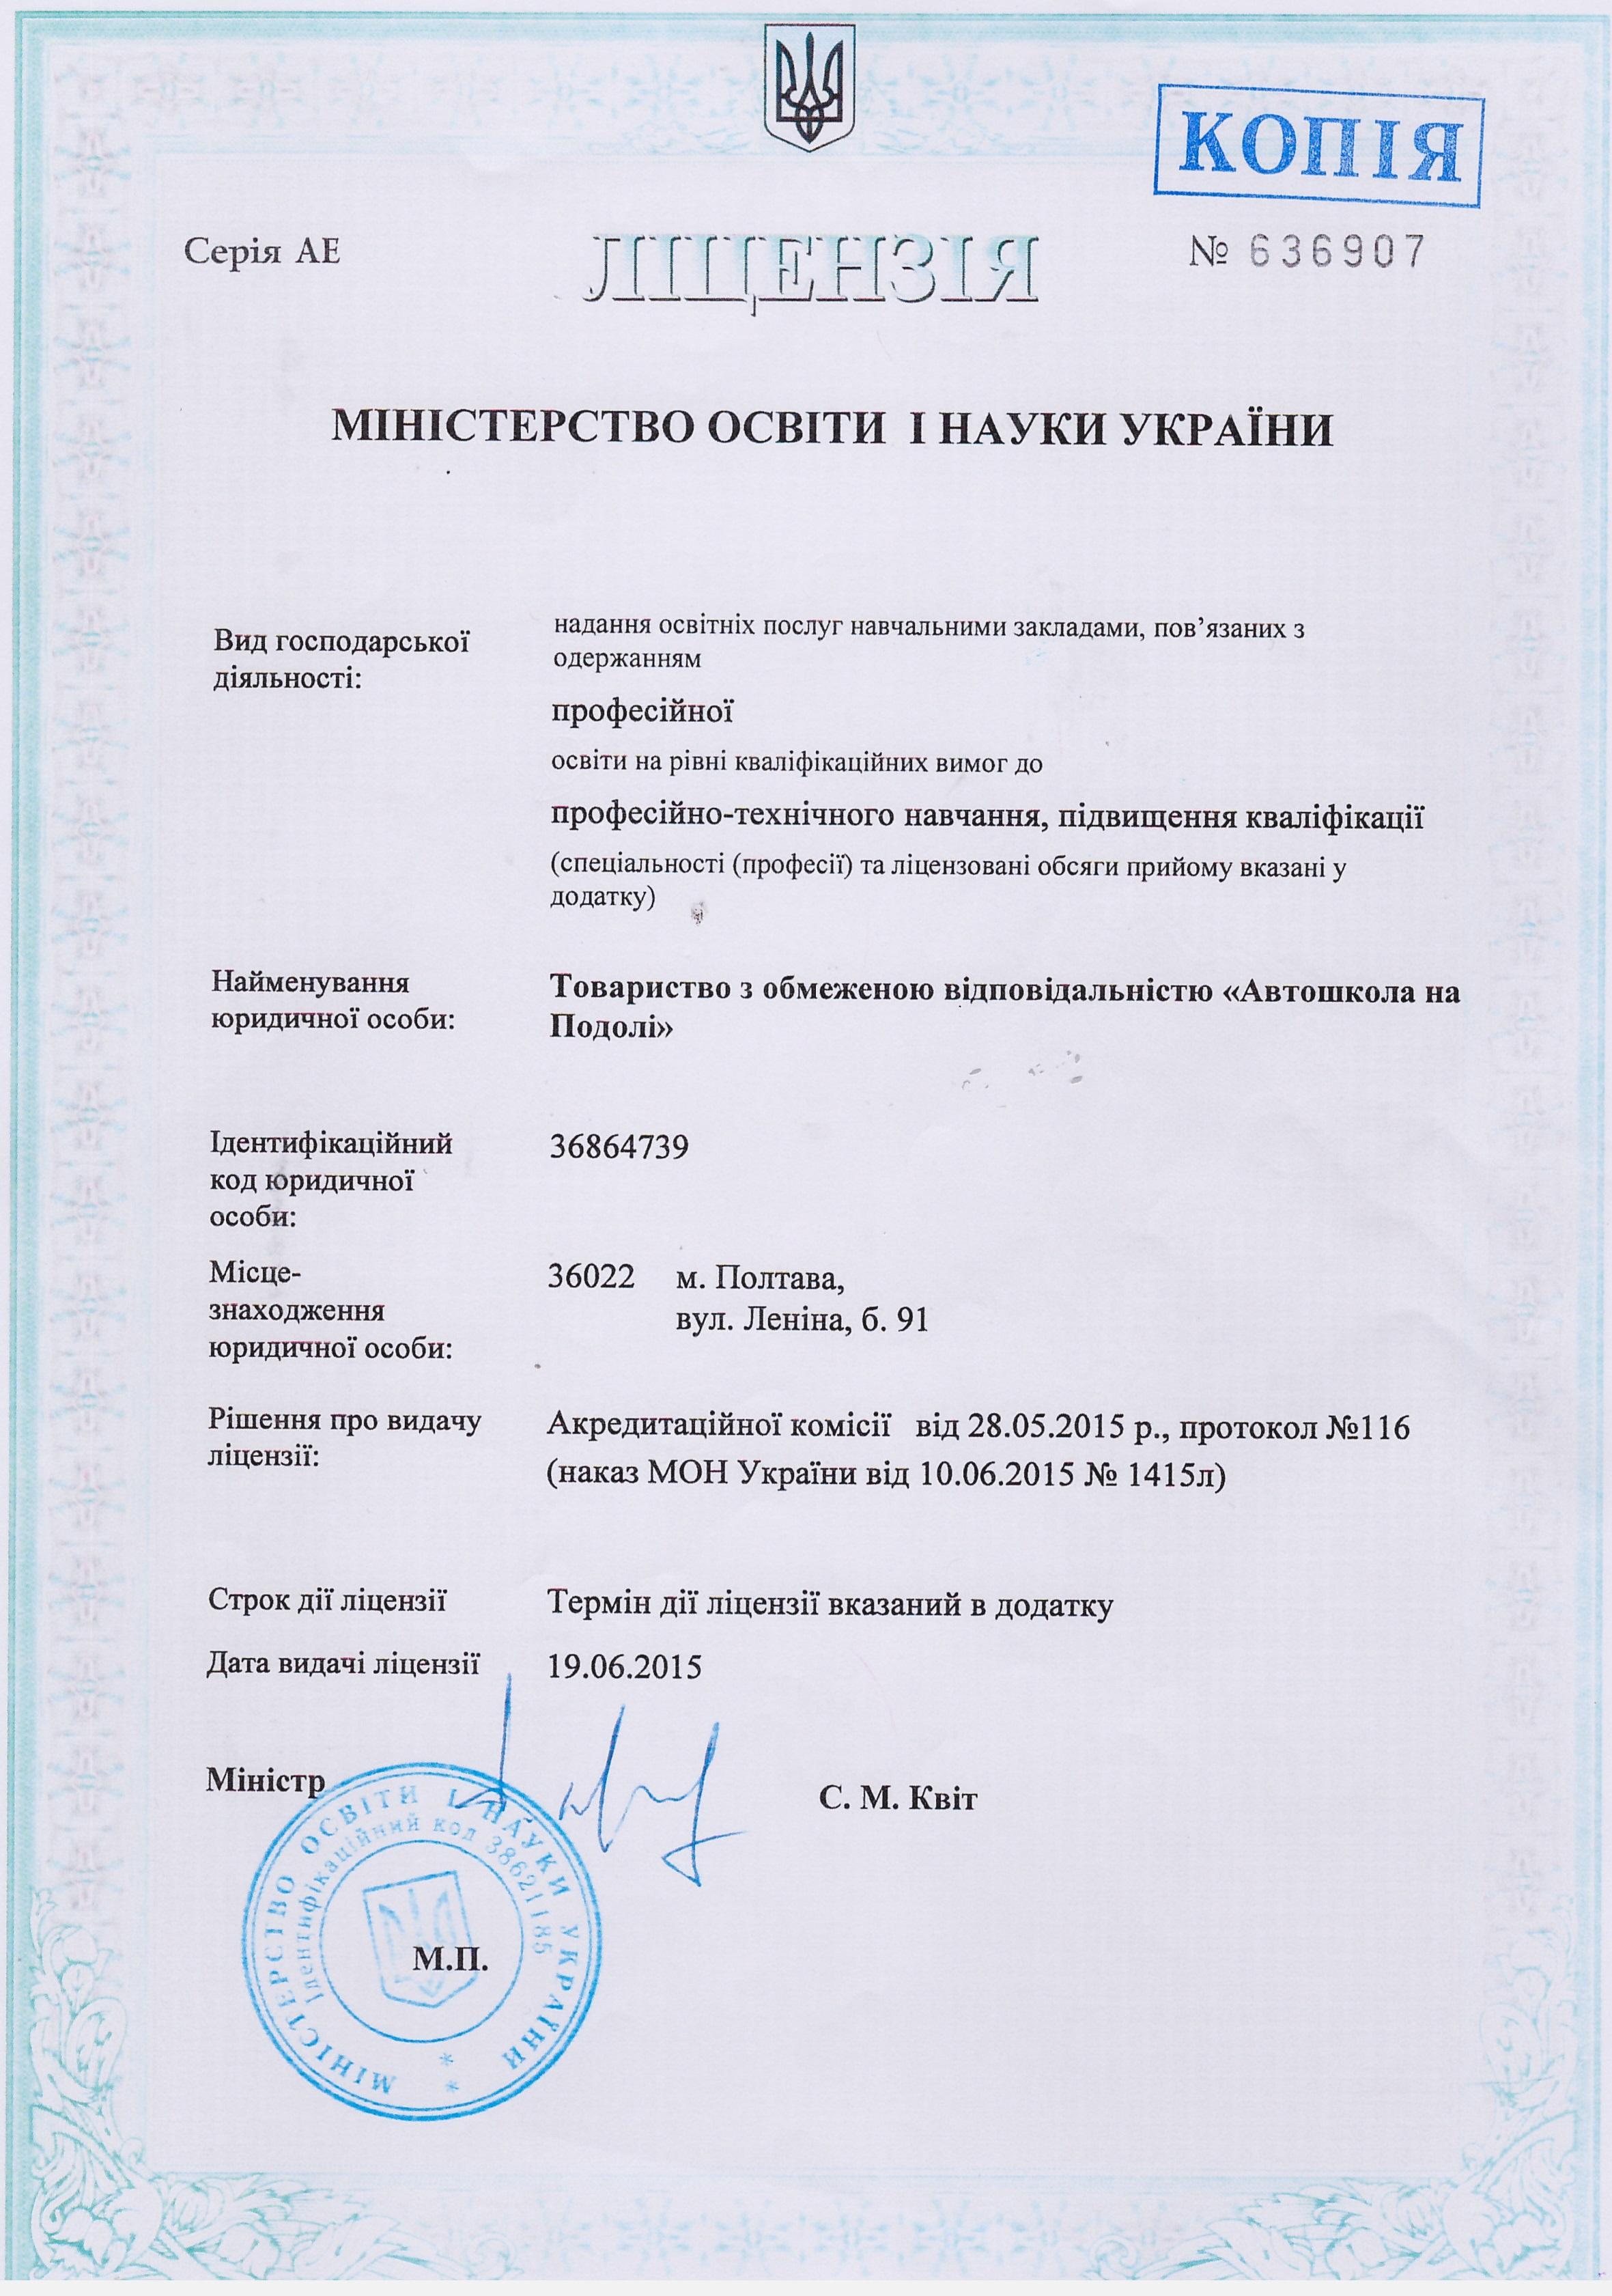 Ліцензія Автошколи на Подолі